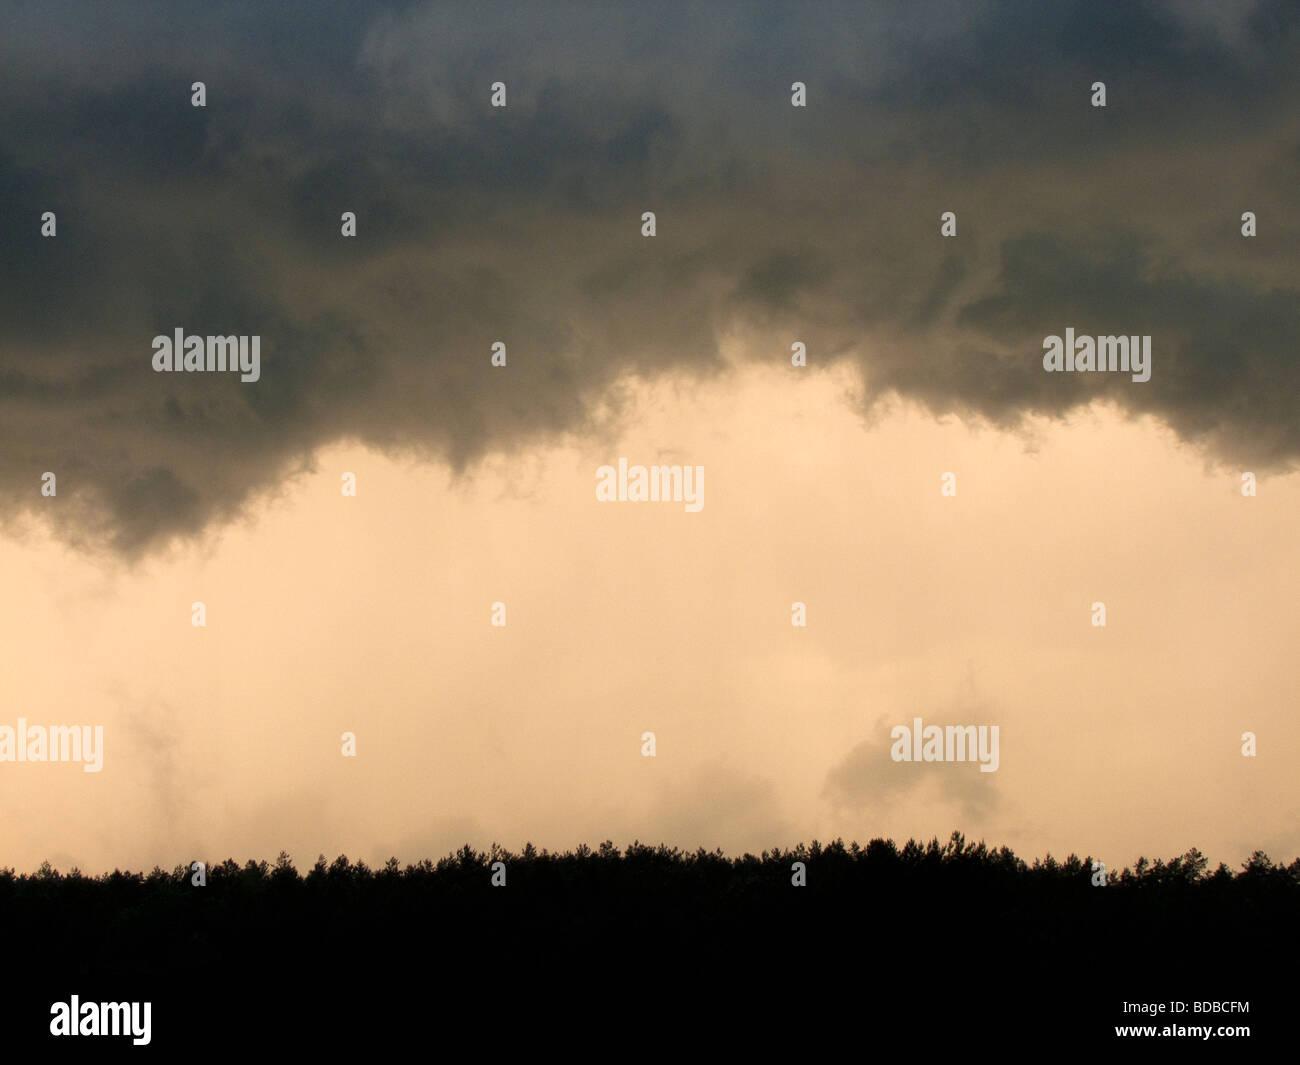 atmosferiche estreme Immagini Stock